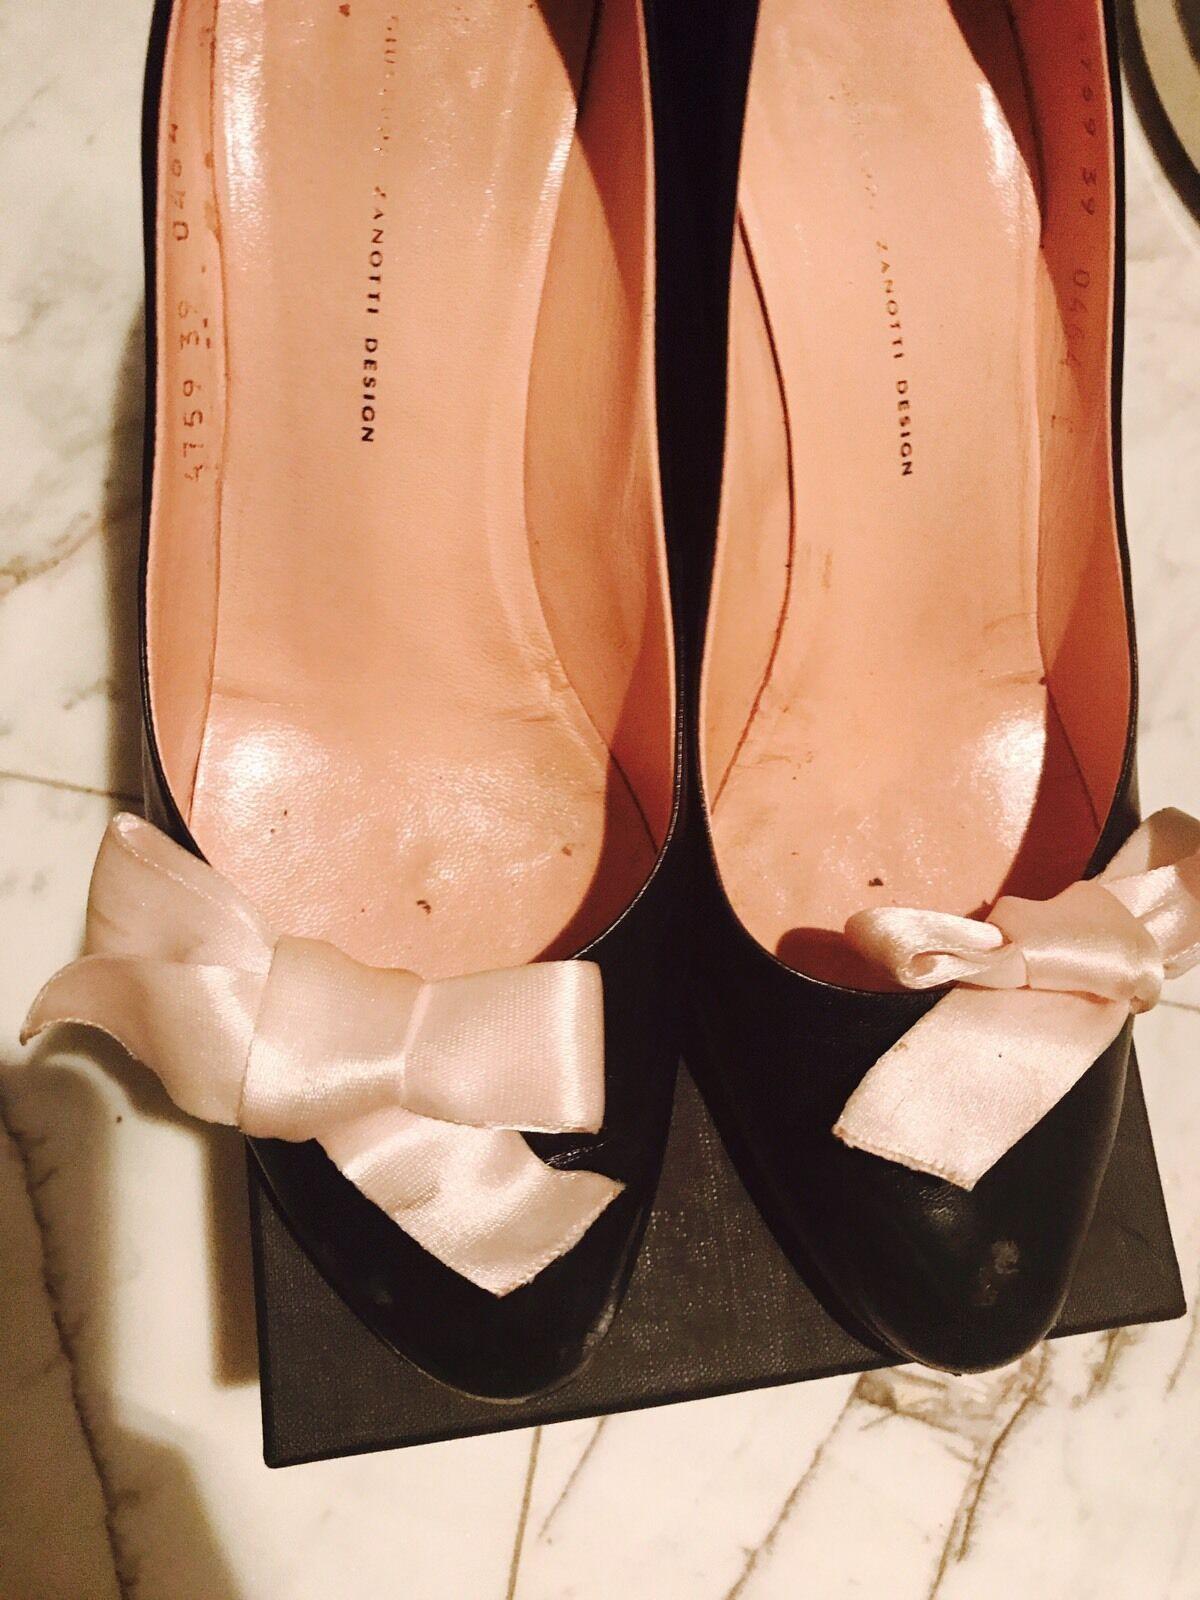 il più recente Giuseppe Zanotti Cute rosa Bow Wedges Heels scarpe scarpe scarpe Pumps Sz39  la migliore offerta del negozio online